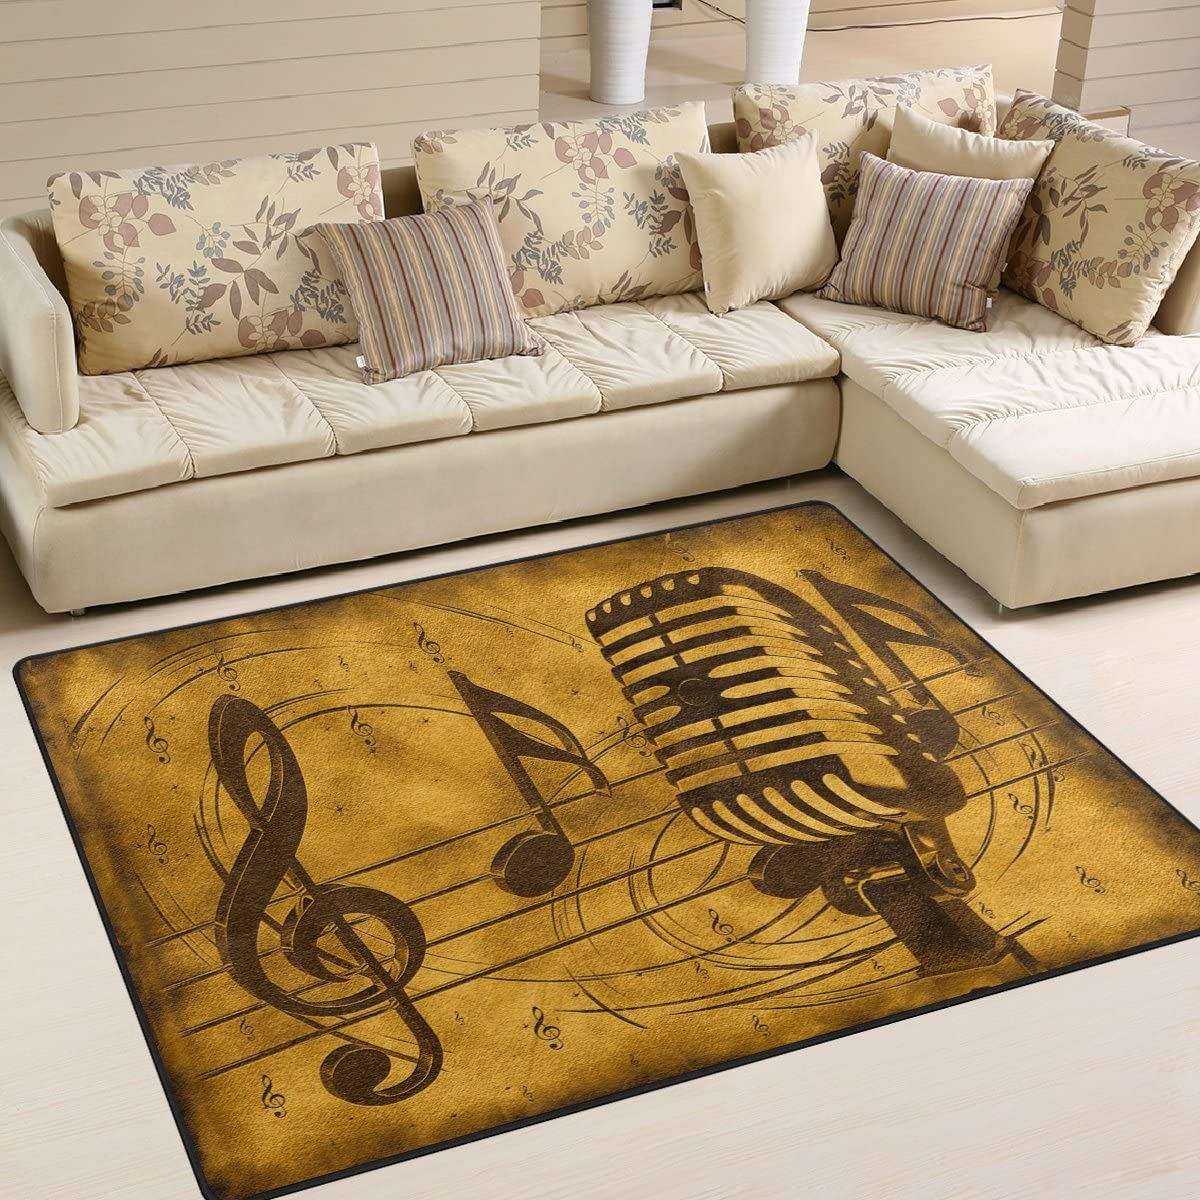 1.7 x 2.6 ft Music Note Nursery Rug Floor Carpet Yoga Mat Naanle Vintage Music Theme Non Slip Area Rug for Living Dinning Room Bedroom Kitchen 50 x 80 cm